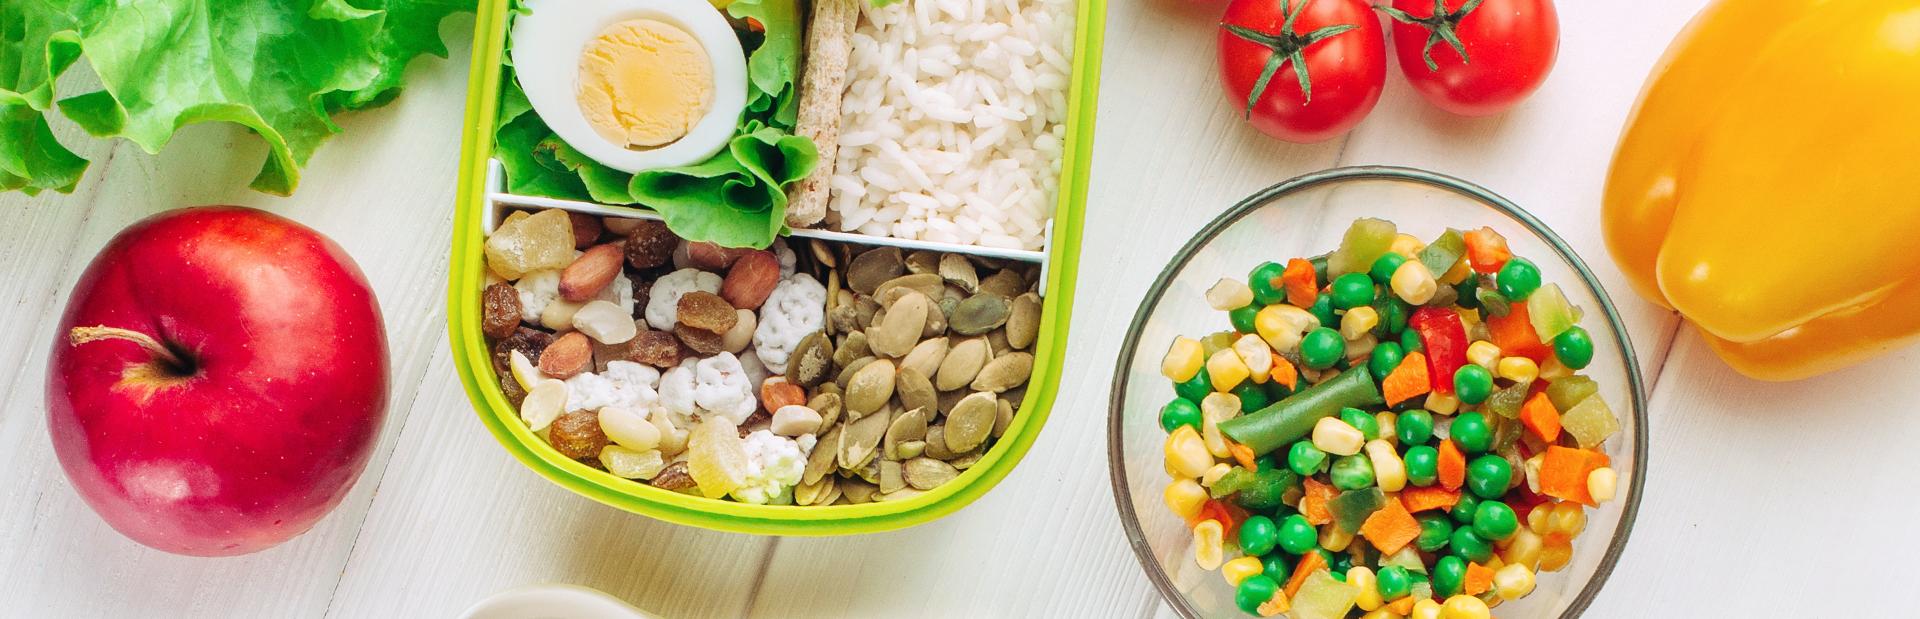 Pengaturan Makanan Untuk Anak Yang Sedang Sariawan Aloclair